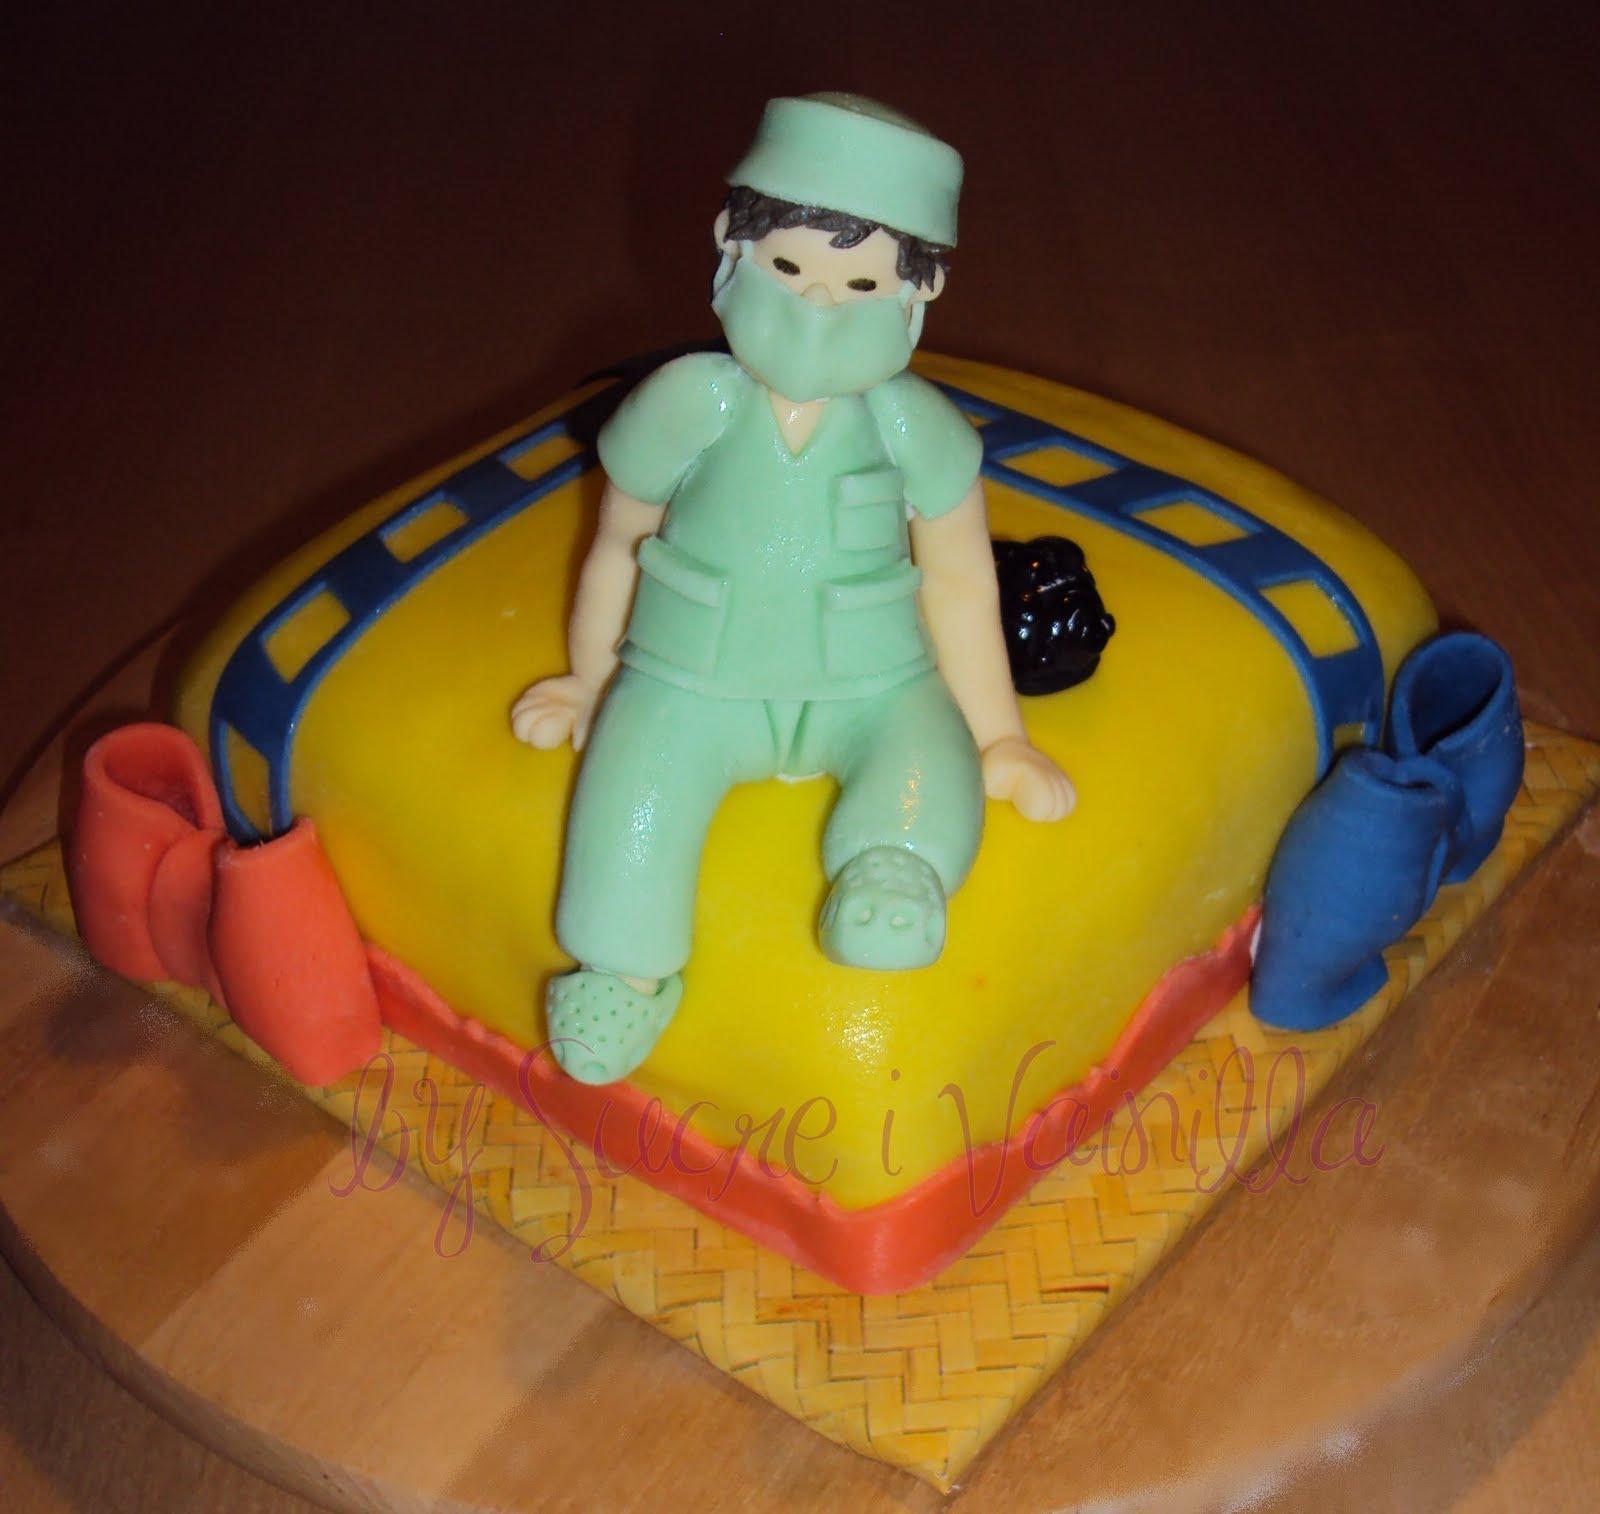 sucre i vainilla - pasteles personalizados: Tárta decorada Médico ...